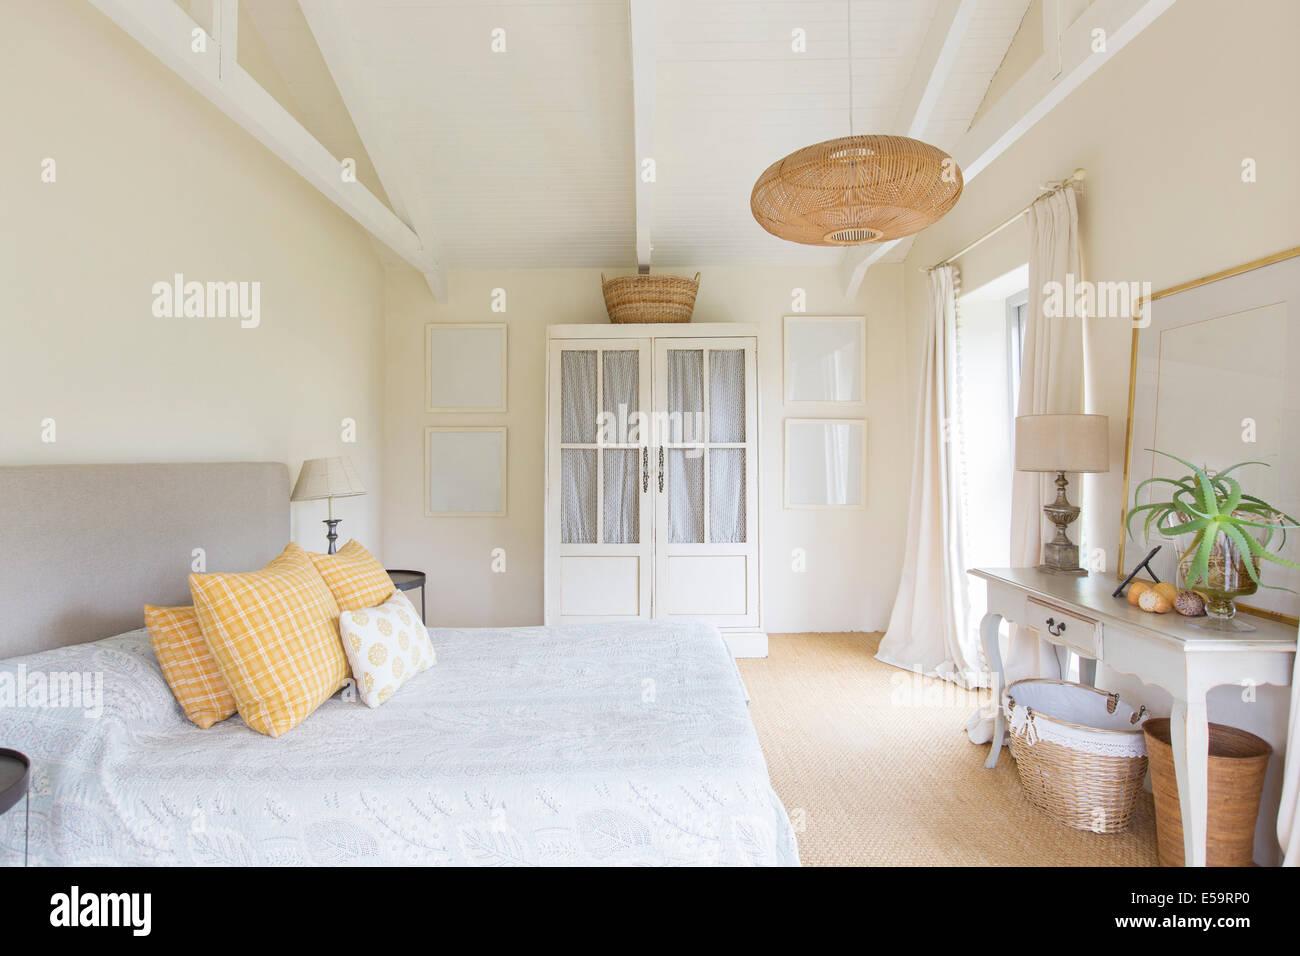 Bett und Schrank im Schlafzimmer des Landhaus Stockbild